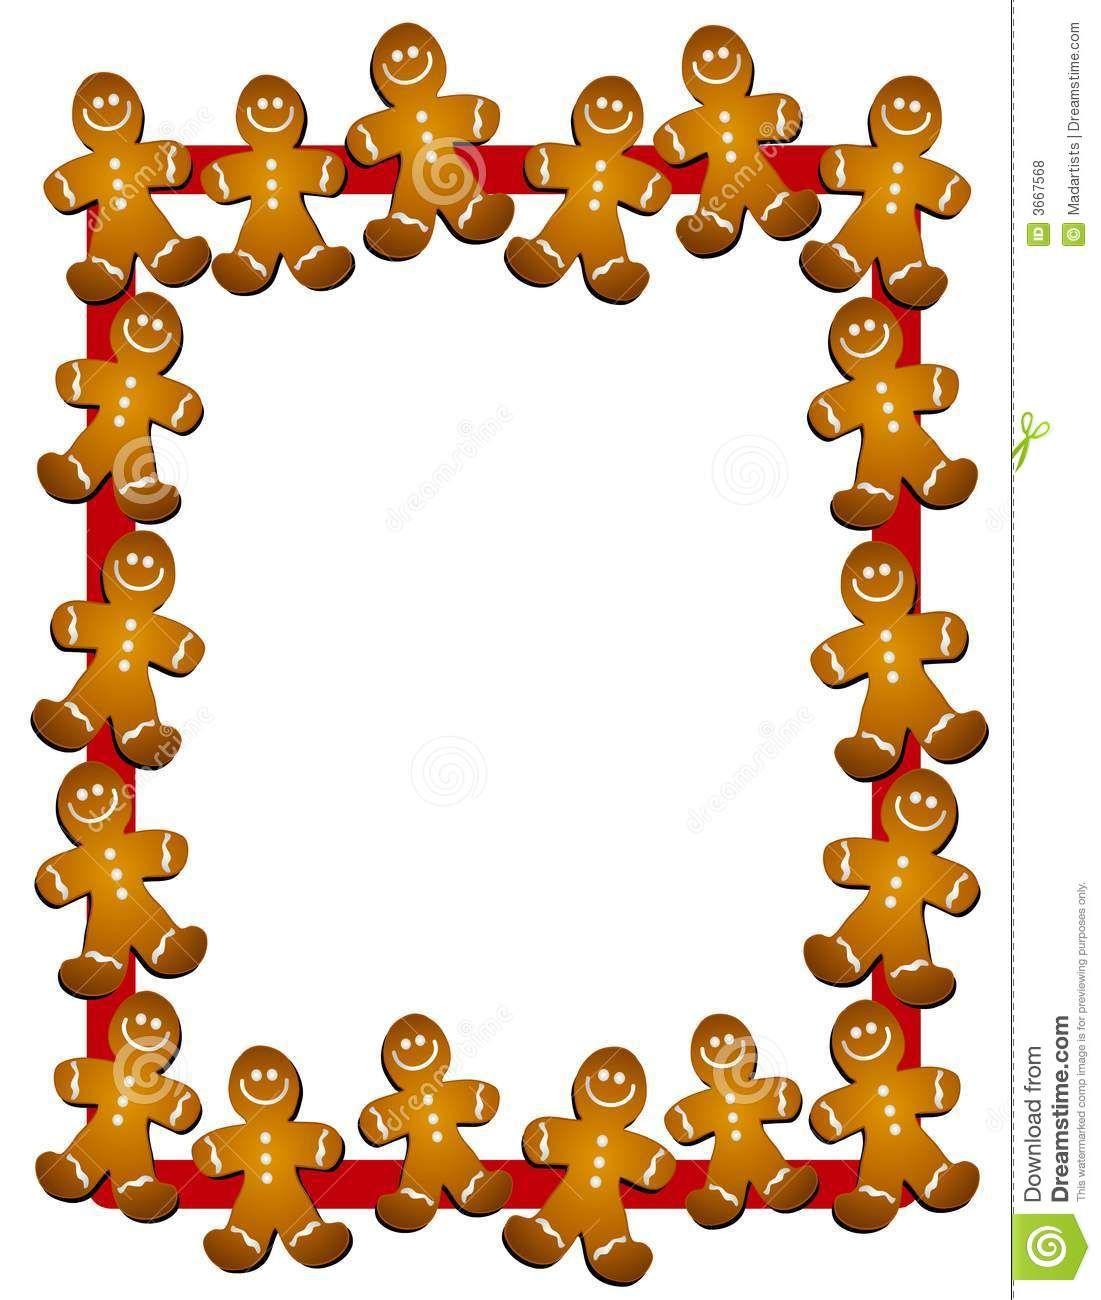 Christmas Clip Art Borders And Frames Cookies Christmas Border